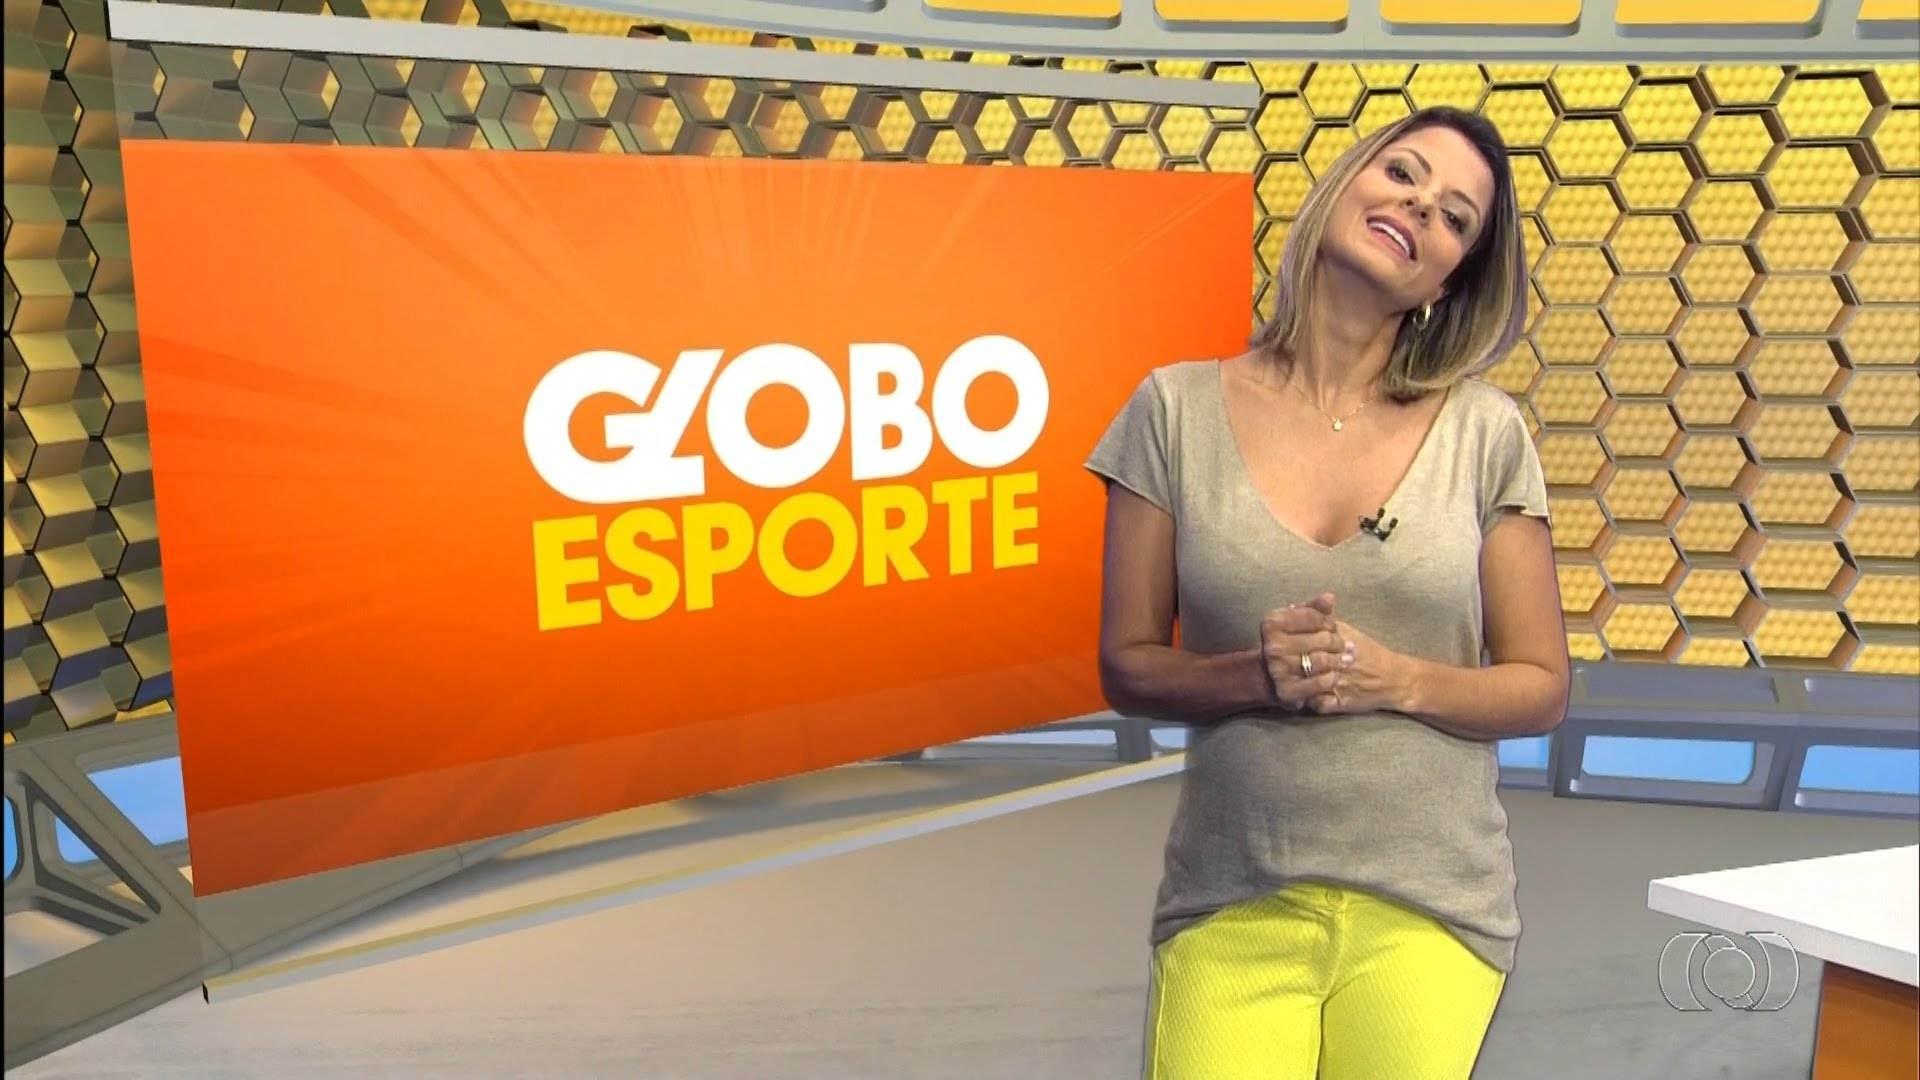 Contratada pelo Goiás, Thaís Freitas está de saída da TV Anhanguera   Foto: Reprodução/ TV Anhanguera